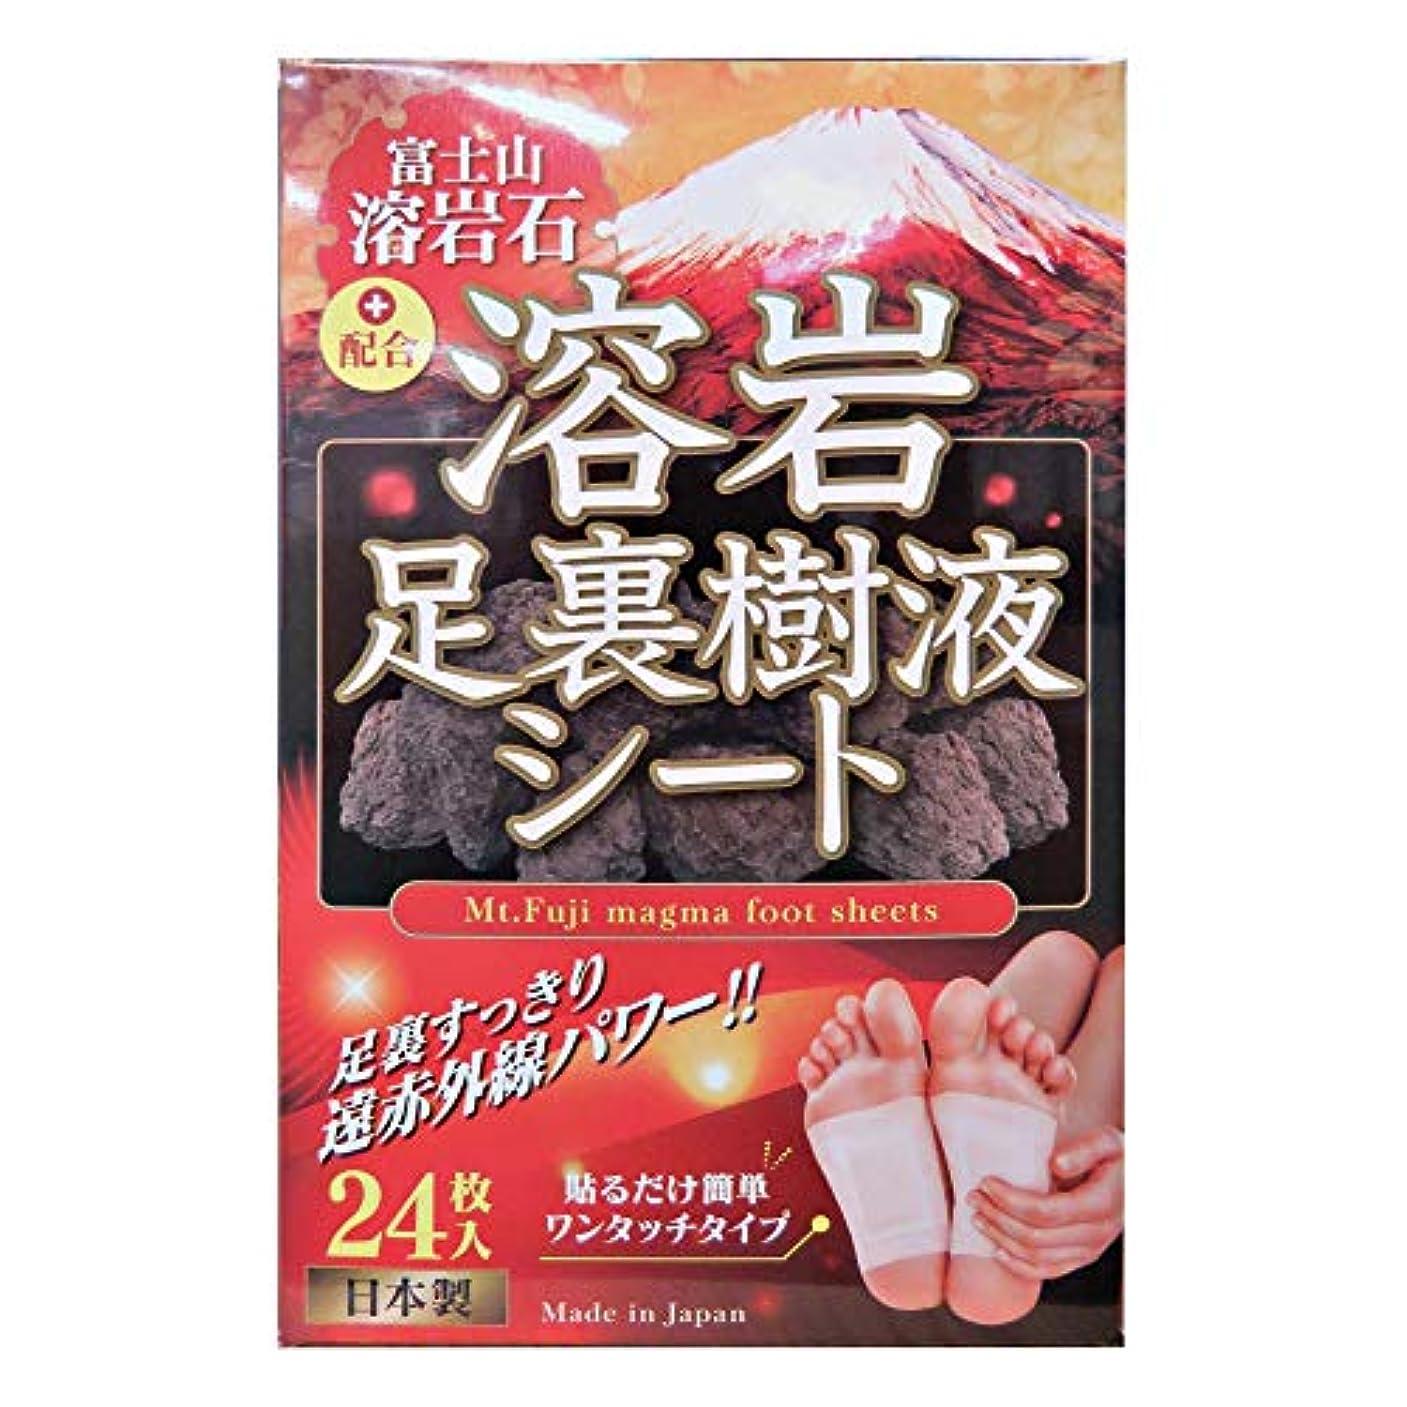 委任するドメイン公平富士山溶岩石配合 溶岩足裏樹液シート(24枚)